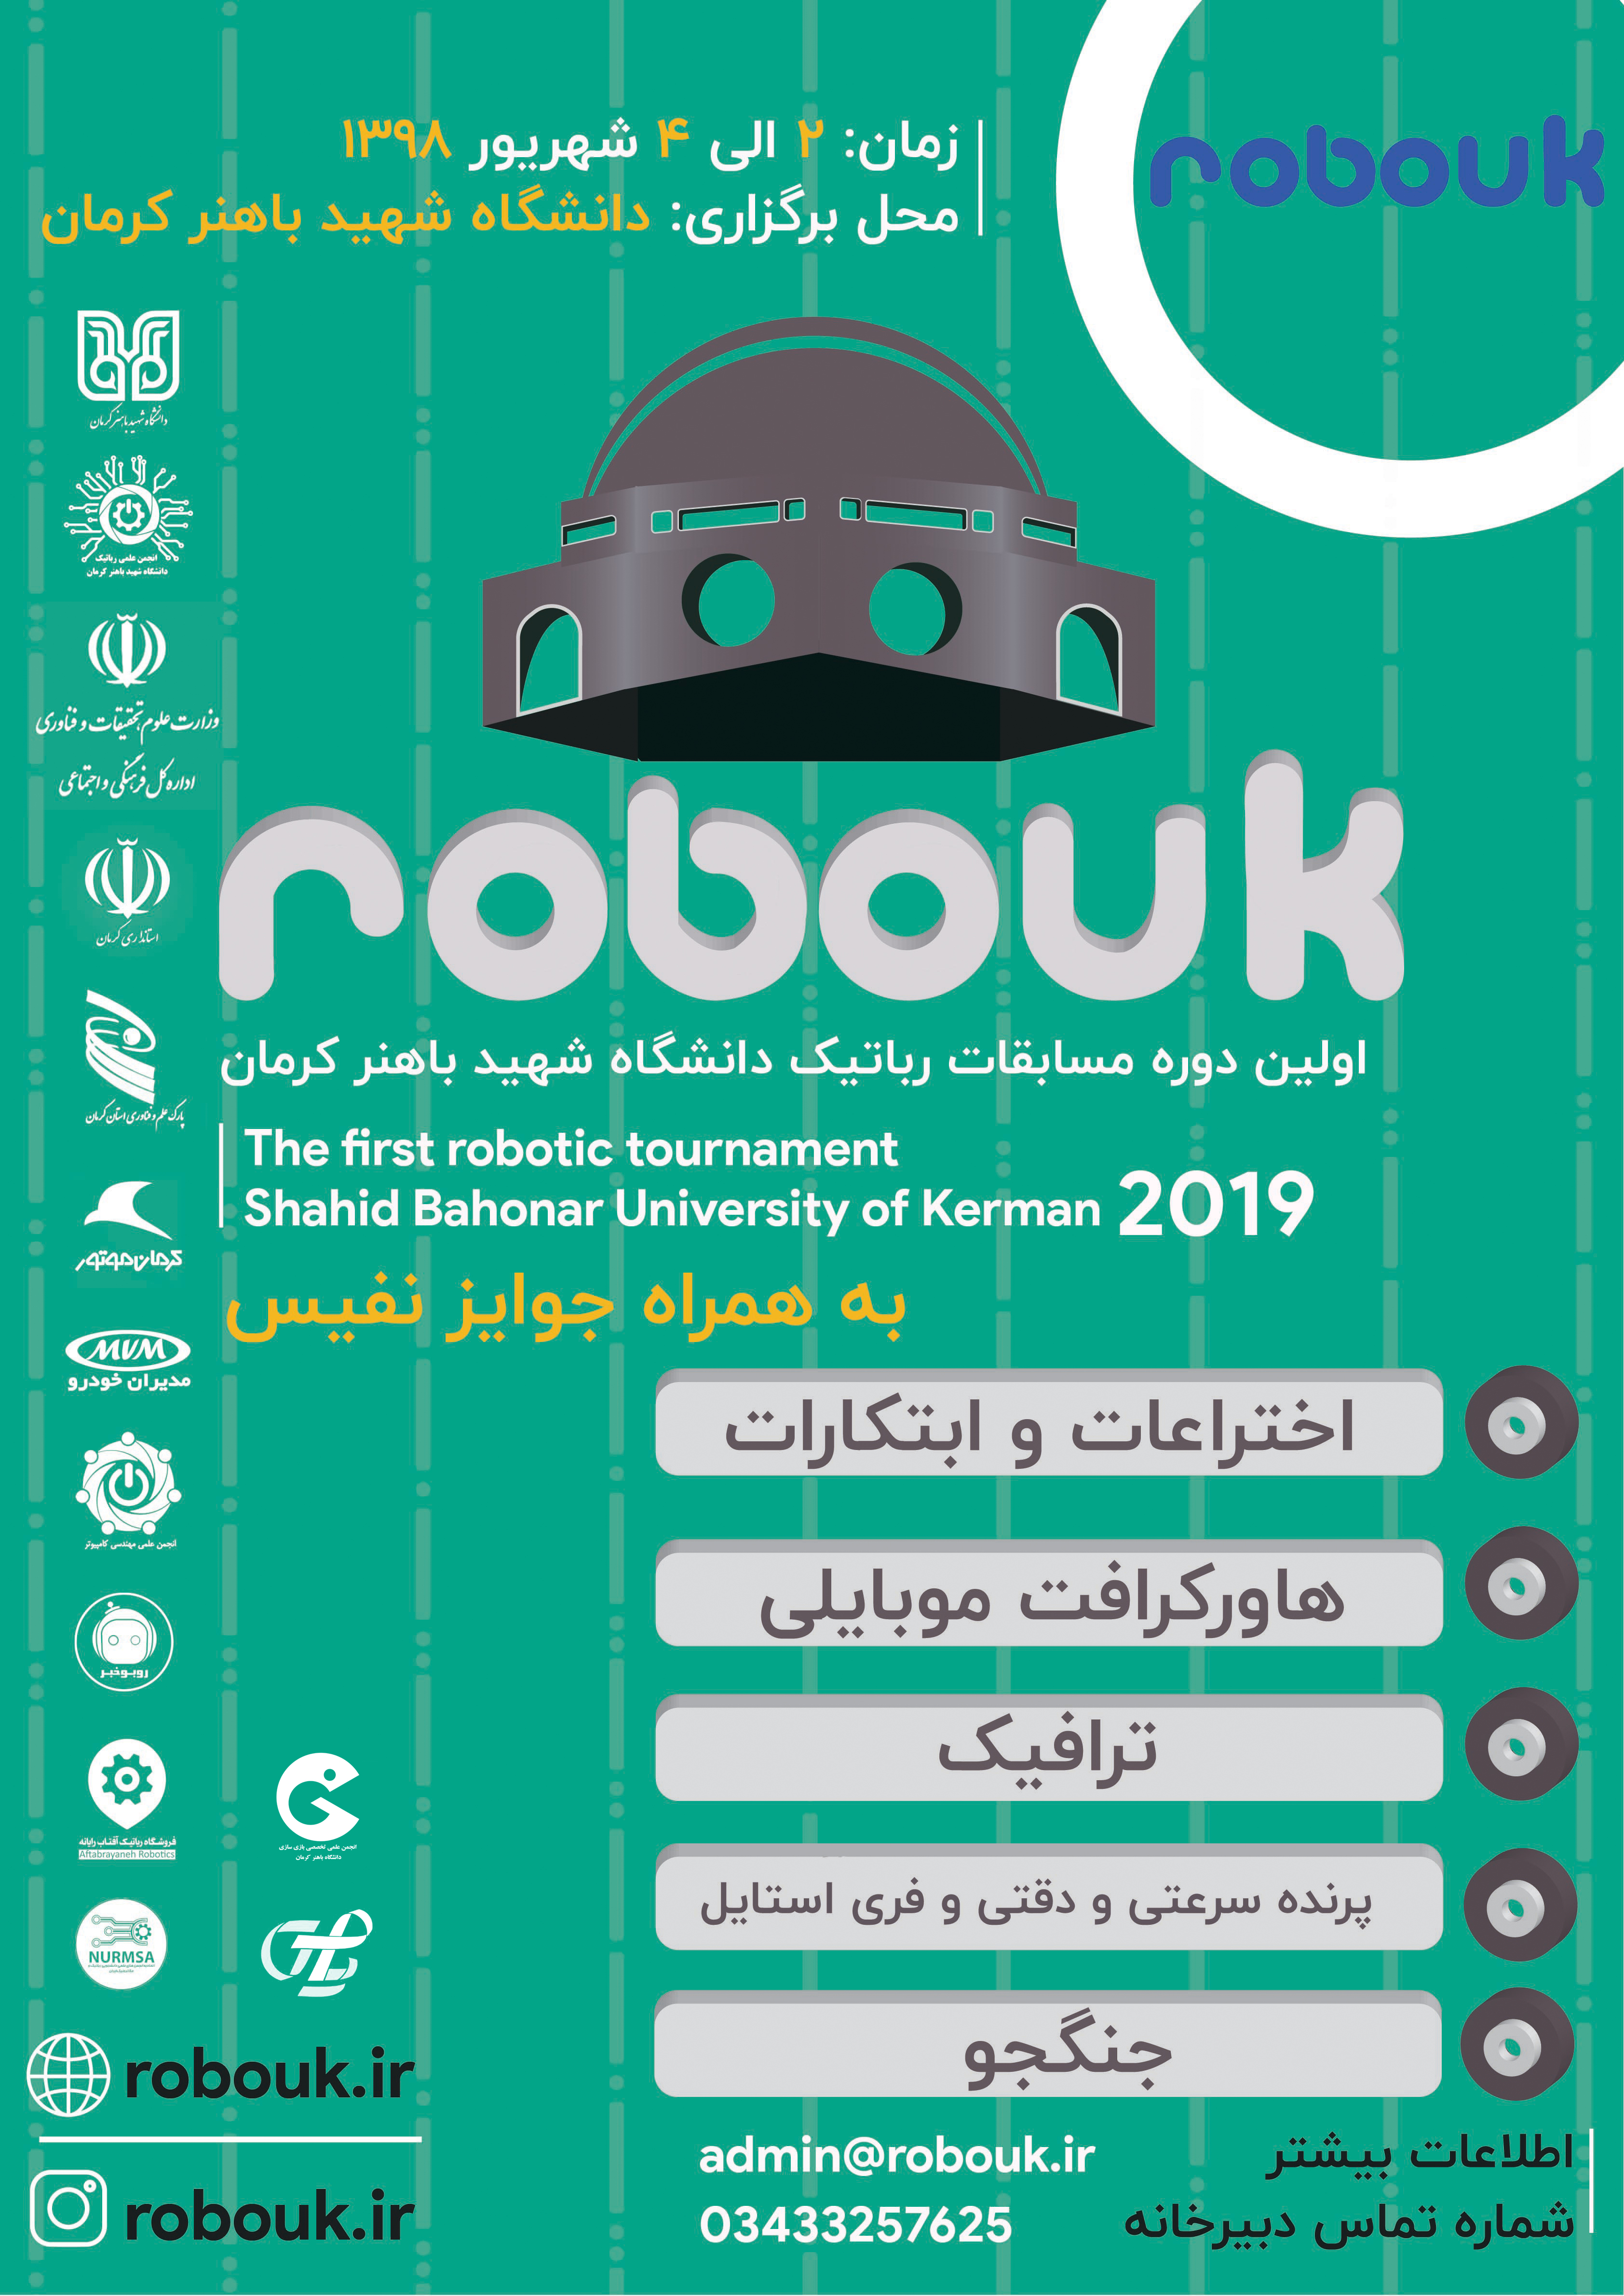 جشنواره ملی رباتیک کرمان